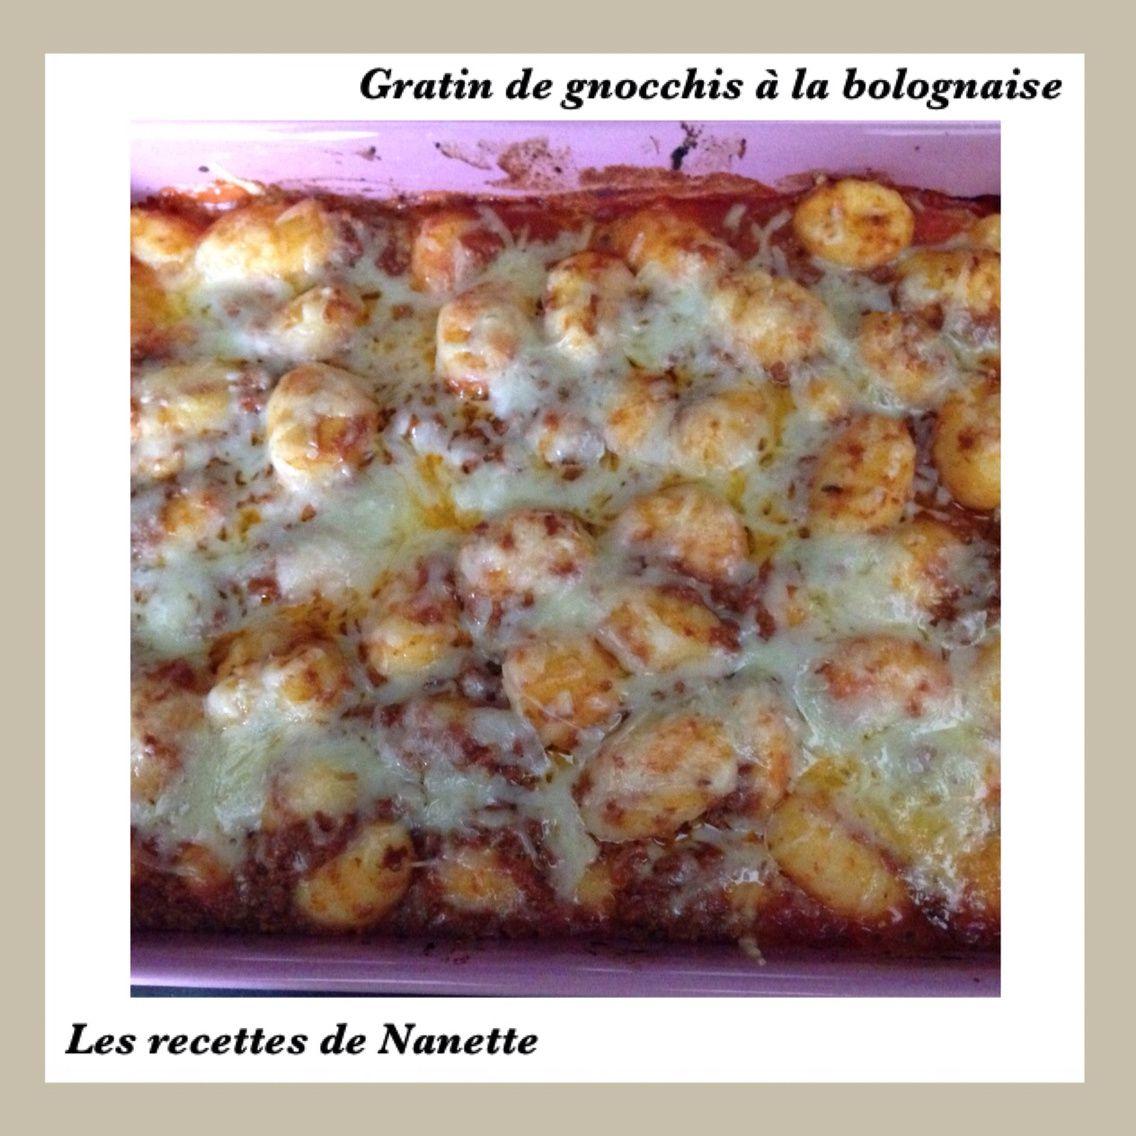 Gratin de gnocchis à la bolognaise